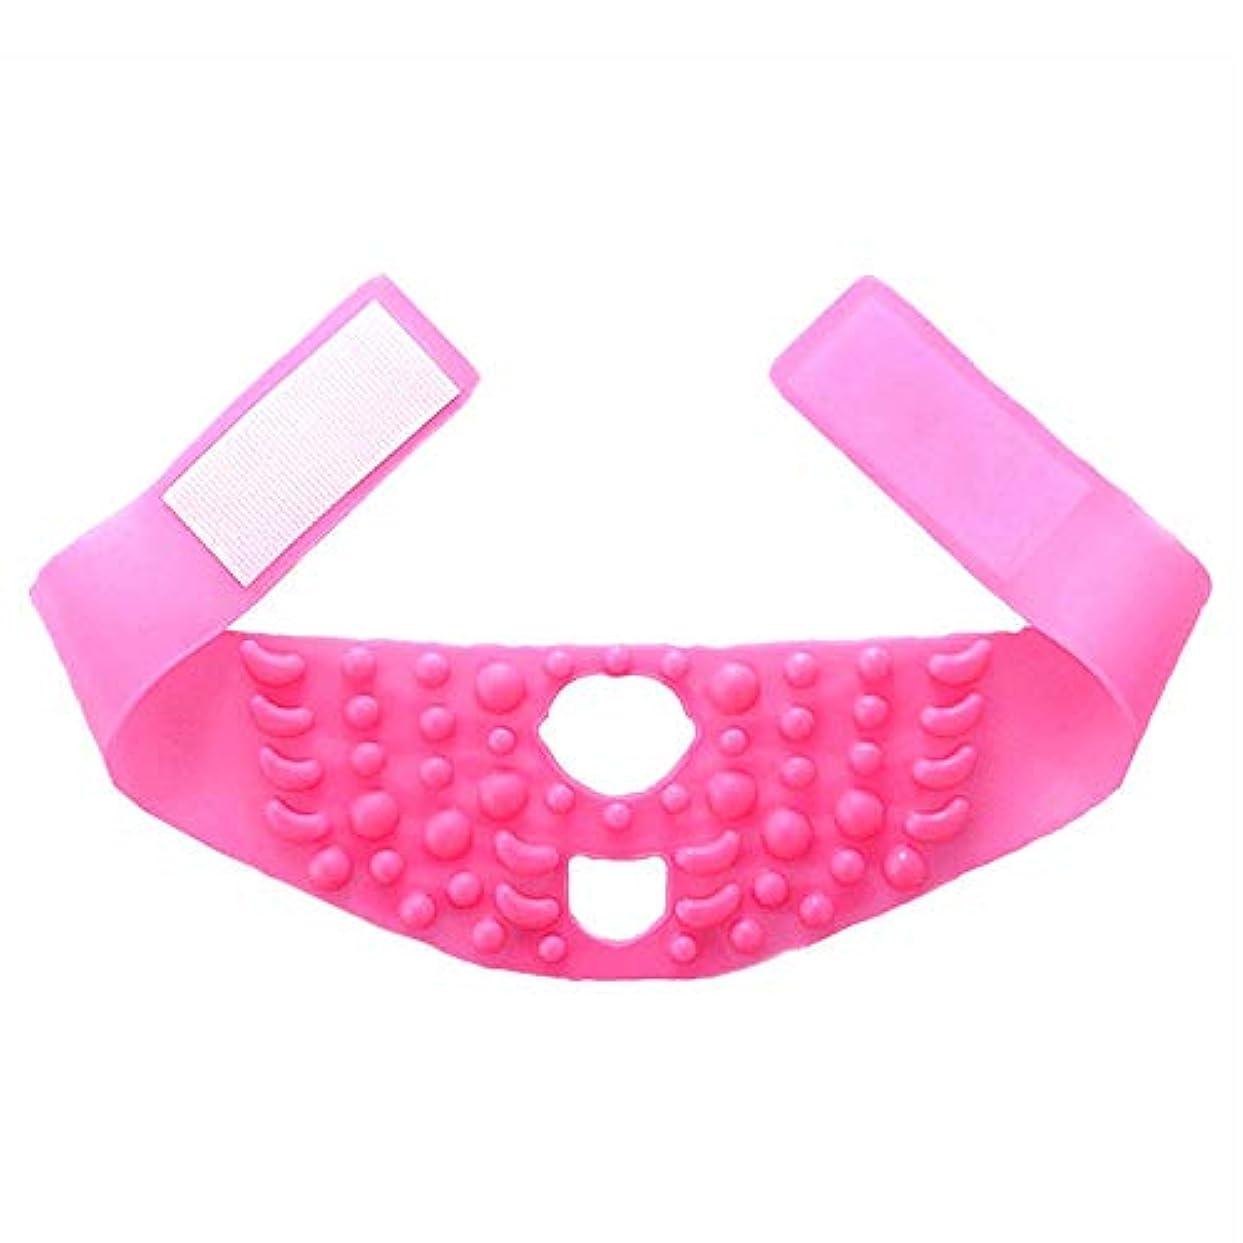 破壊的な中庭吐くMinmin シンフェイスマスクシリコーンマッサージ引き締まった形の小さなVフェイスリフティングに薄いフェイスアーティファクト包帯を飾る - ピンク みんみんVラインフェイスマスク